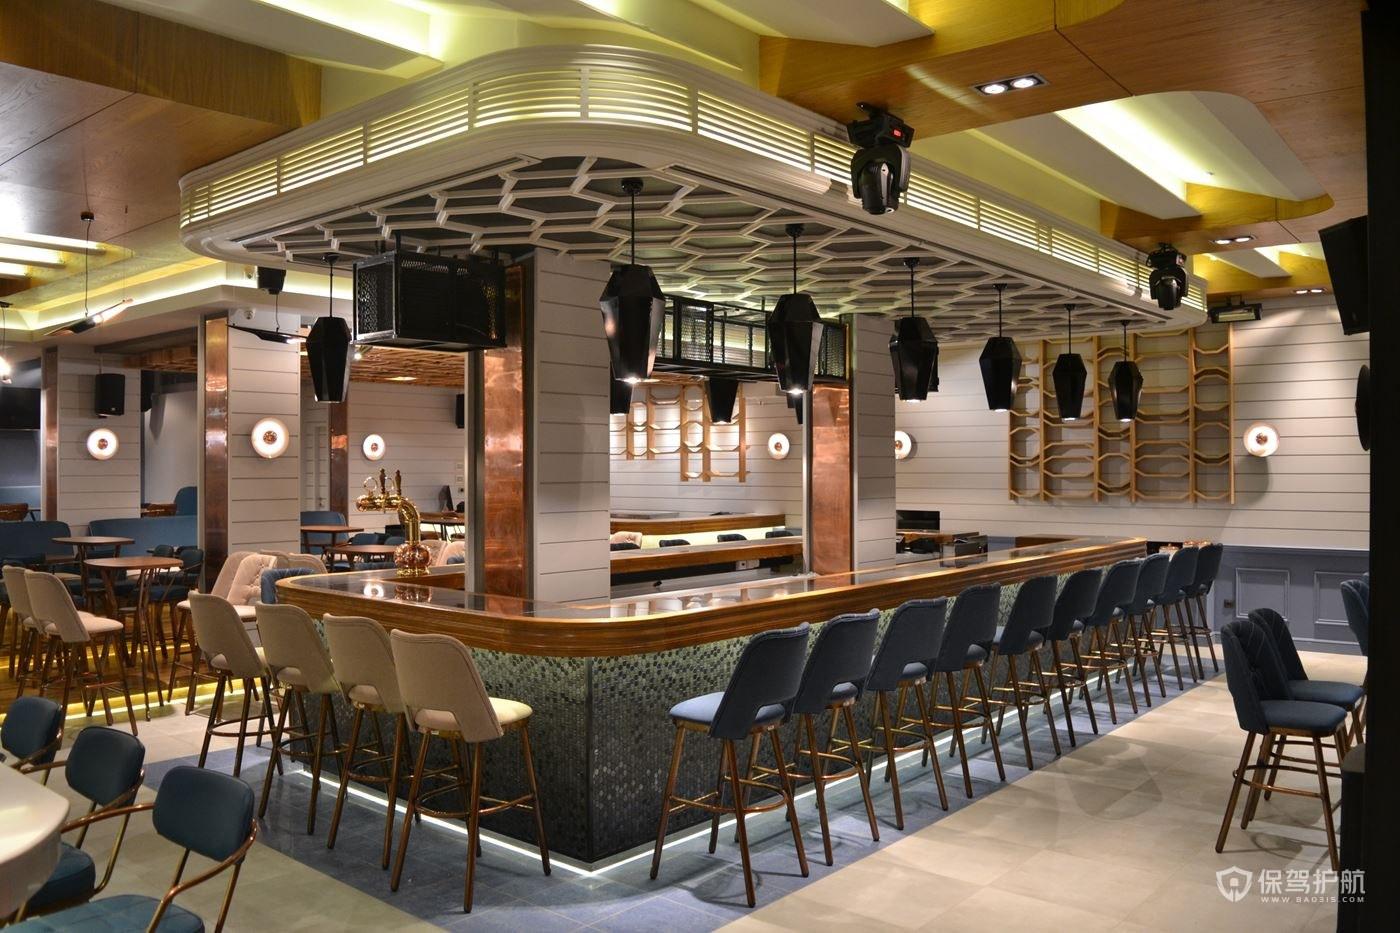 欧式咖啡馆卡座式吧台装修图